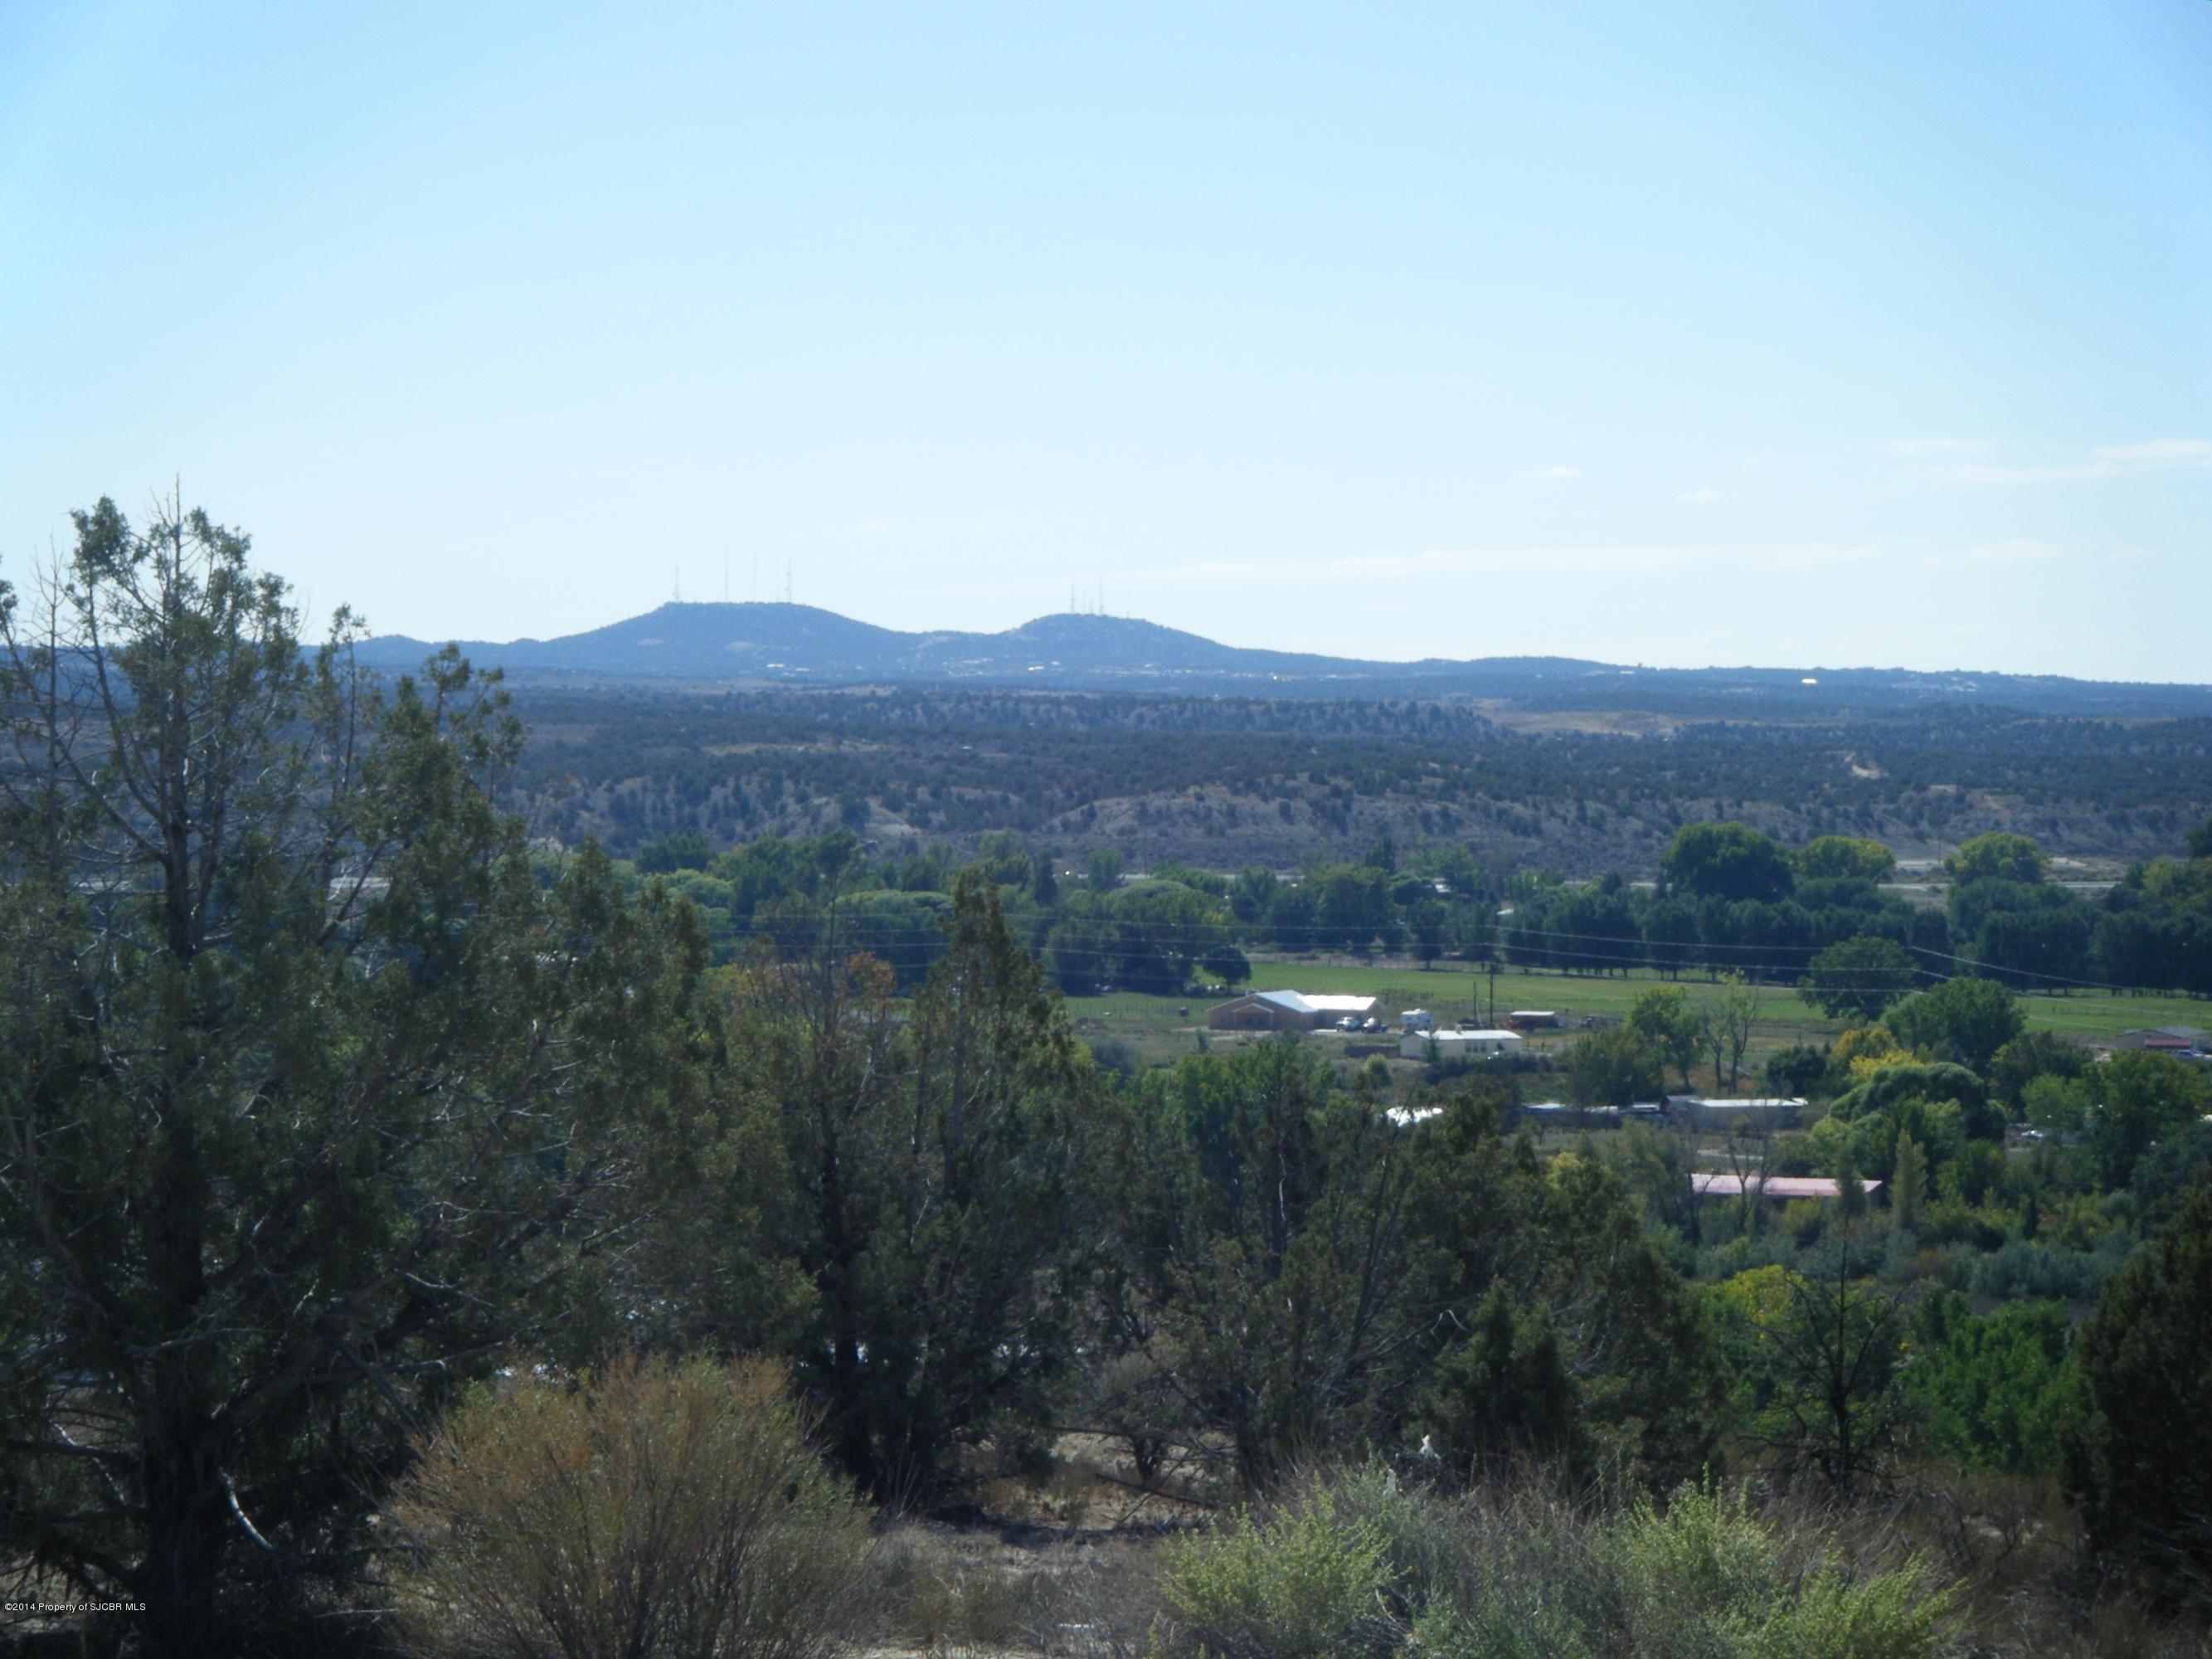 Lot 1B Road 26340, Aztec, New Mexico 87410